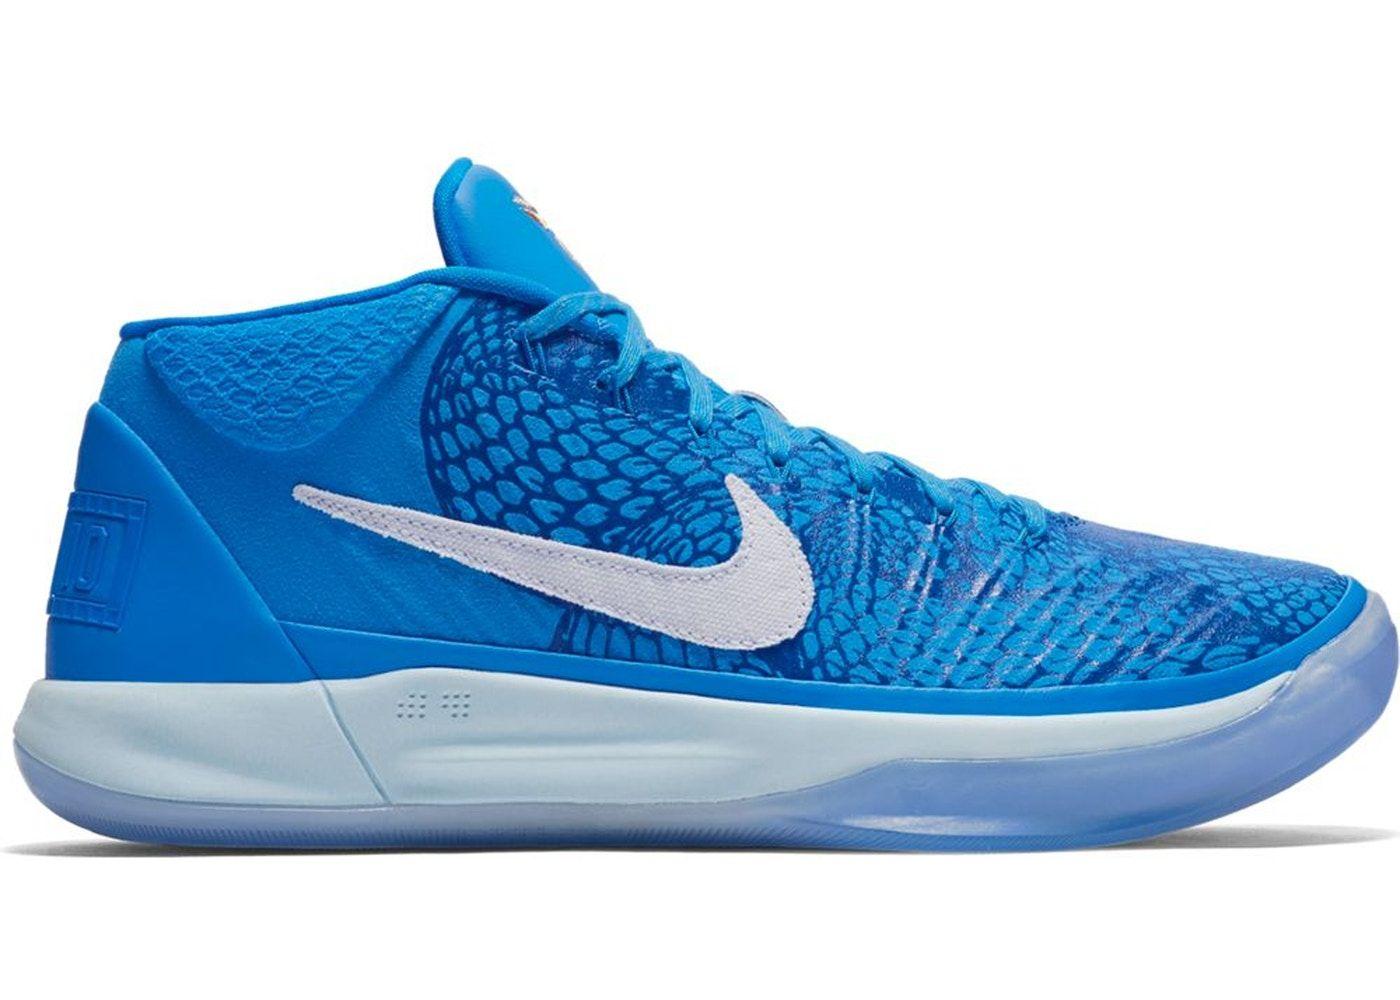 0e53bea5 Kobe A.D. DeMar DeRozan Blue in 2019   shoes   Sneakers nike ...